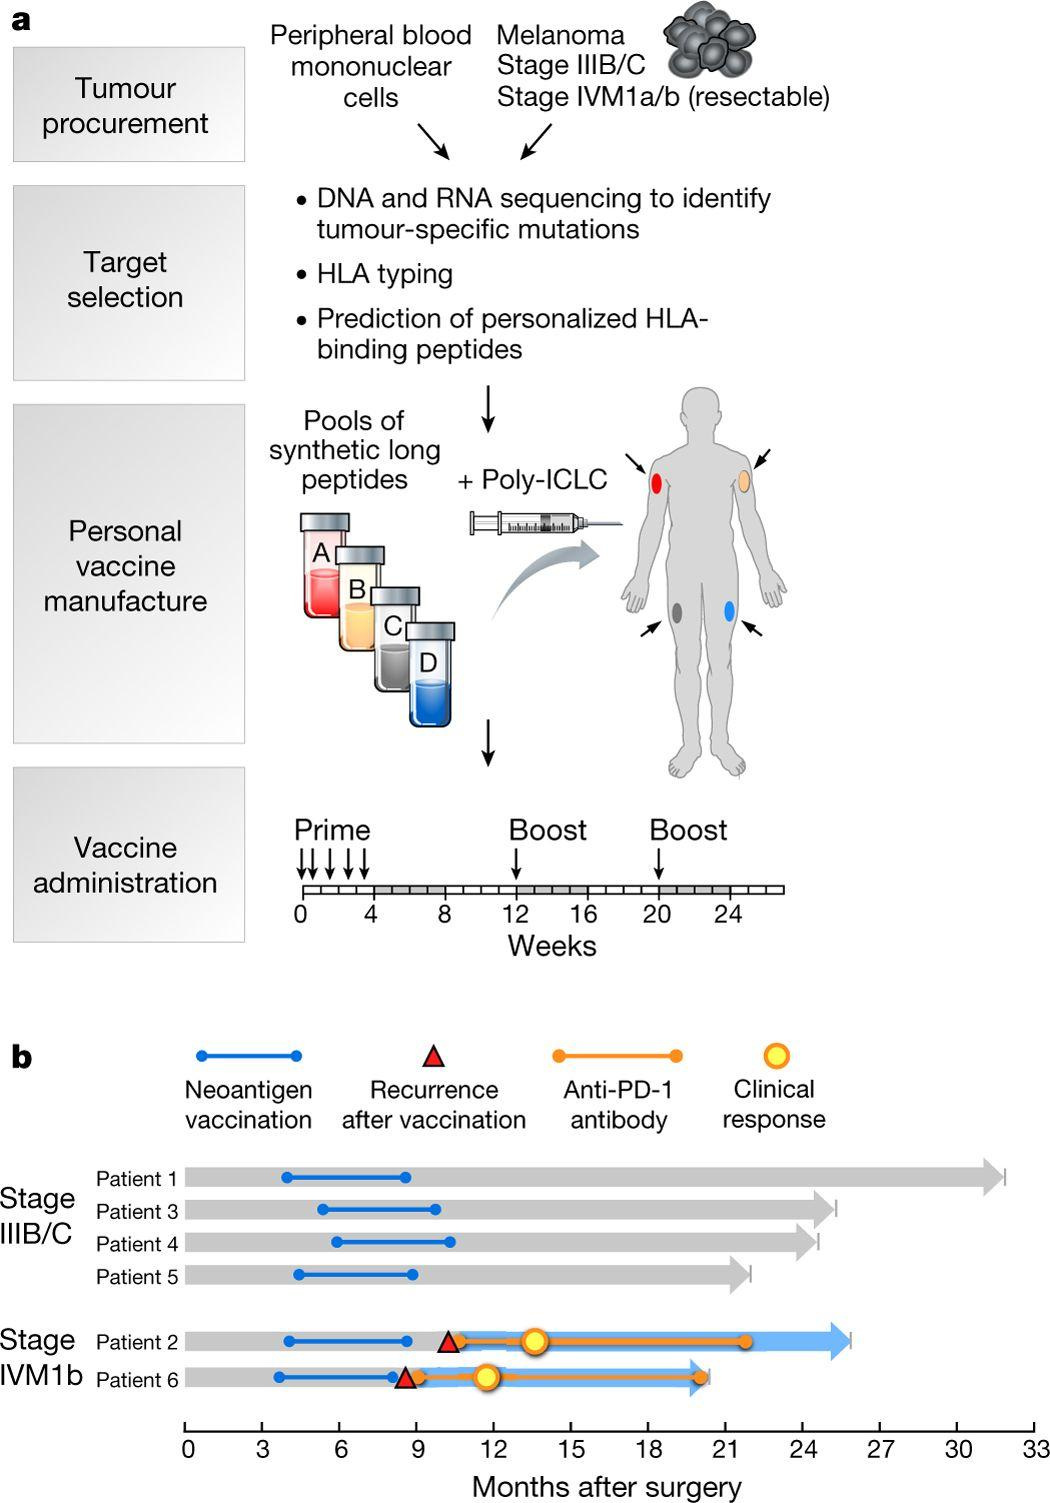 Короткие пептиды и РНК начали побеждать в борьбе иммунитета с раком